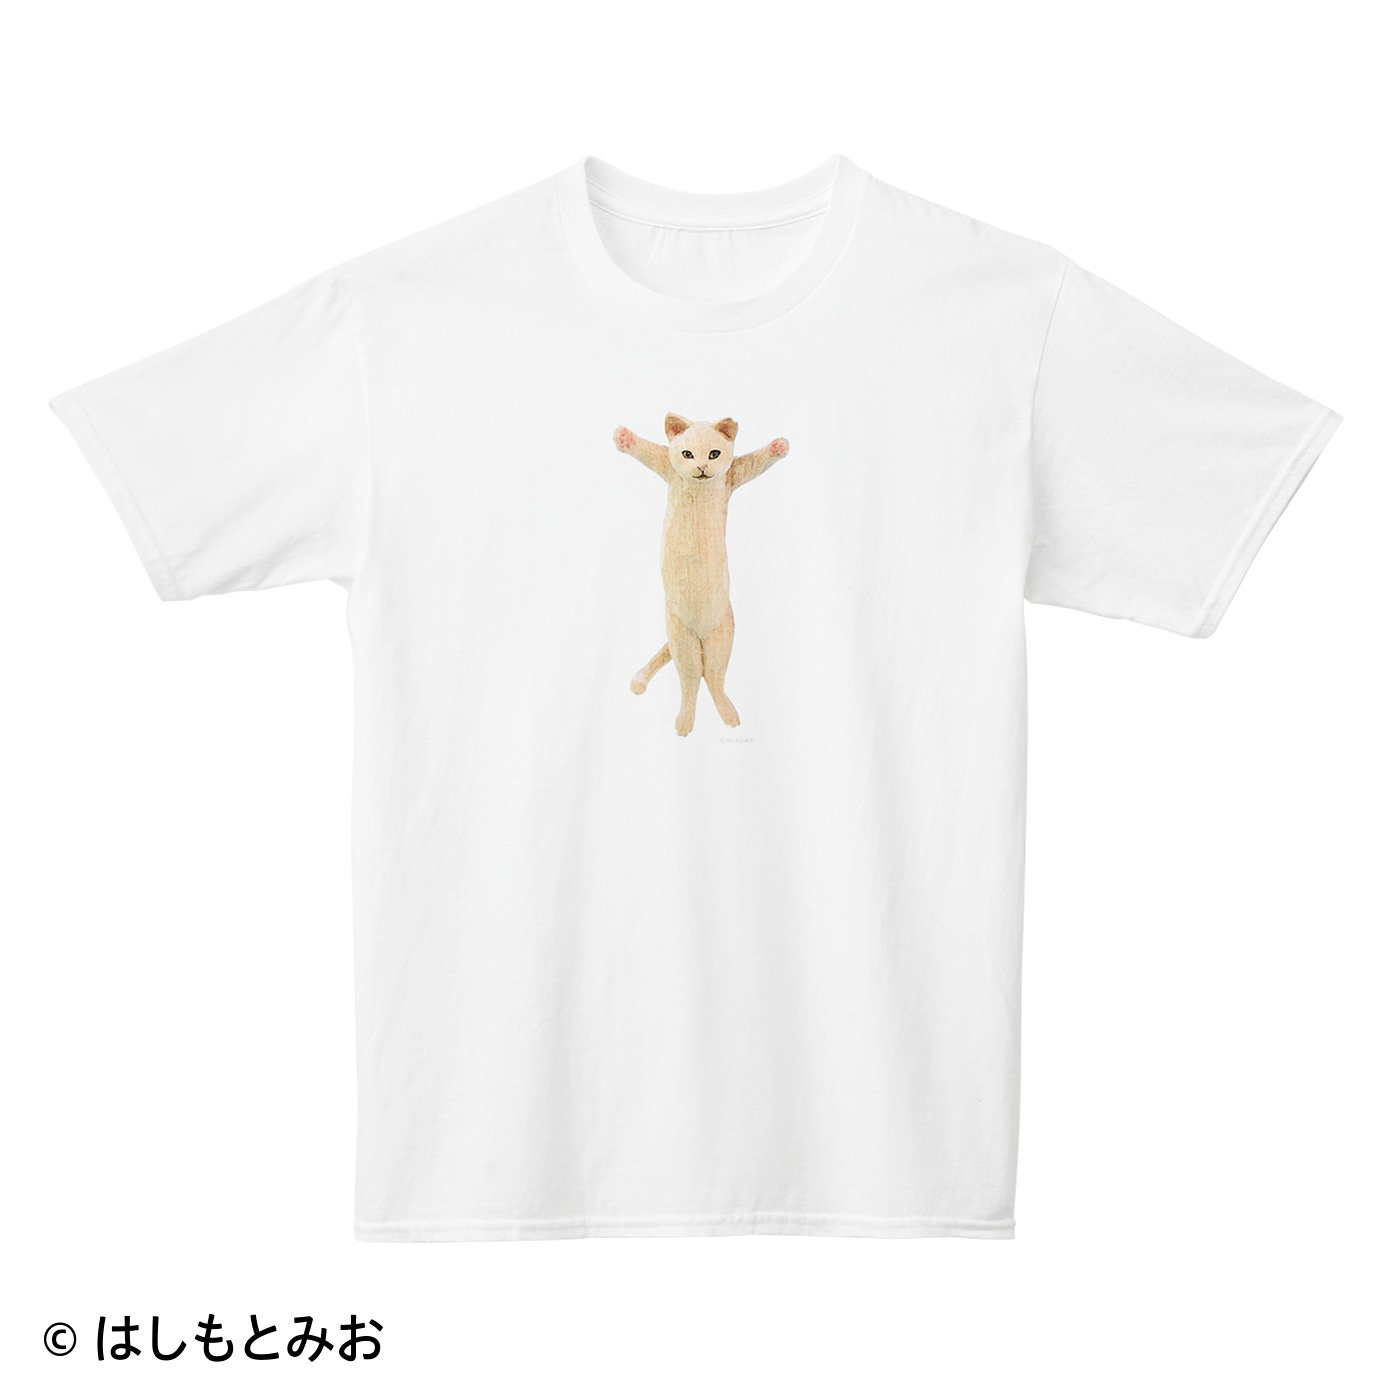 はしもとみお×猫部 地域猫チャリティーTシャツ2021